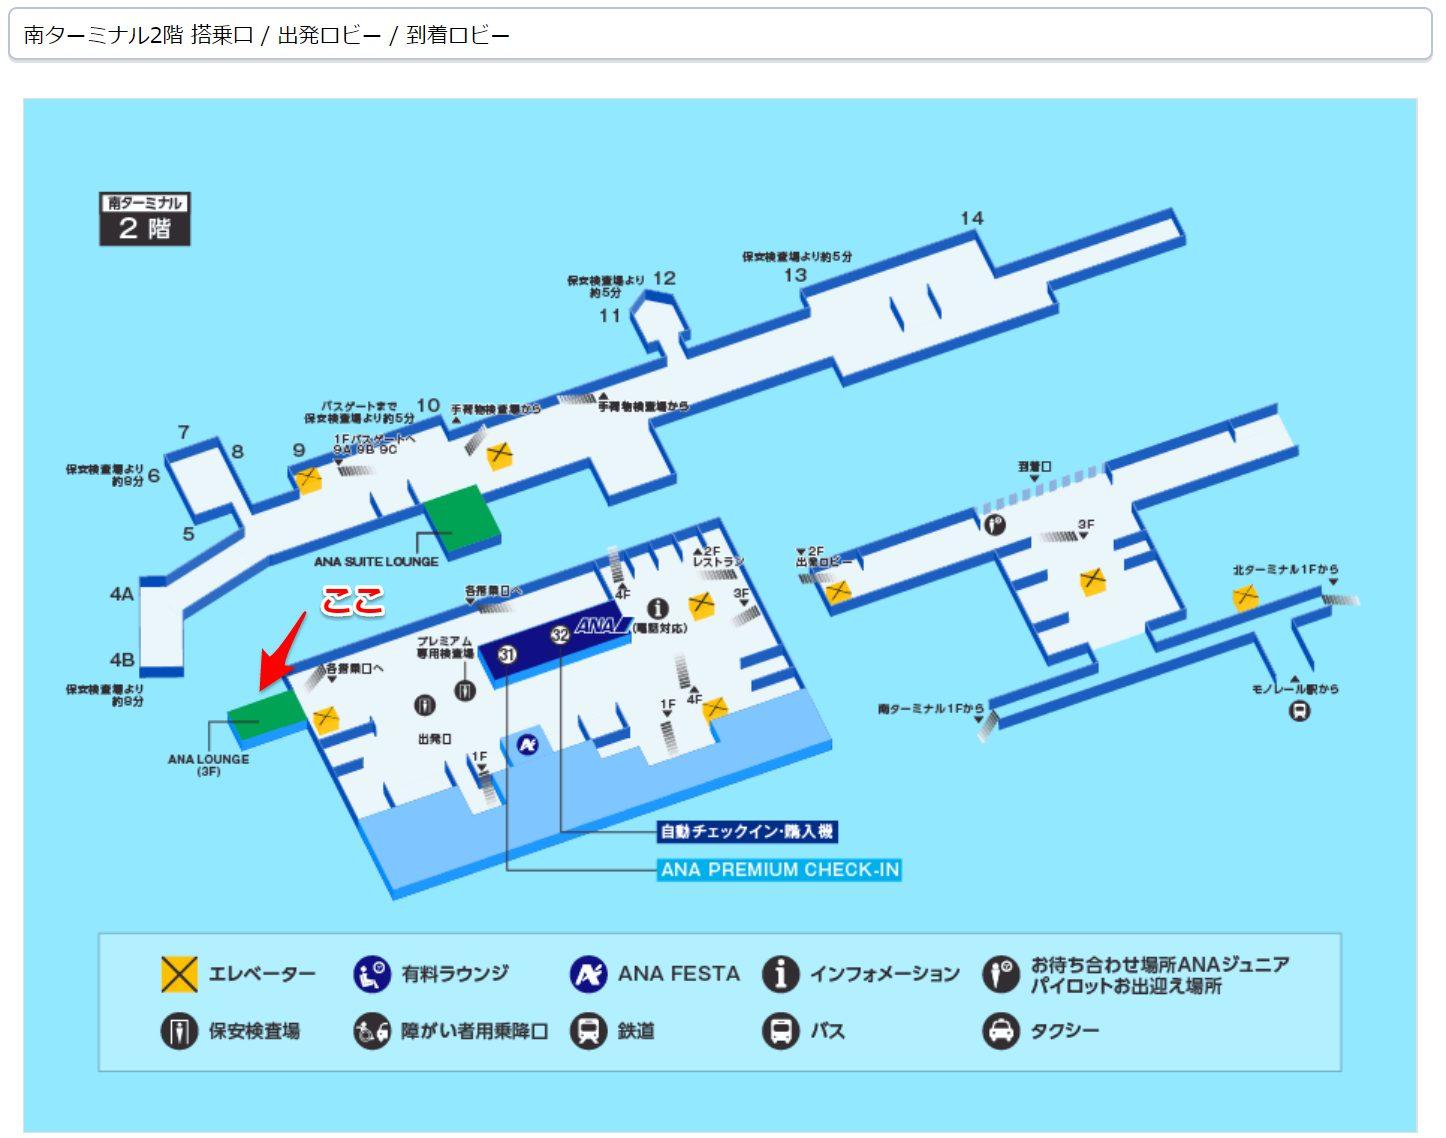 大阪伊丹空港ANAラウンジマップ [2]